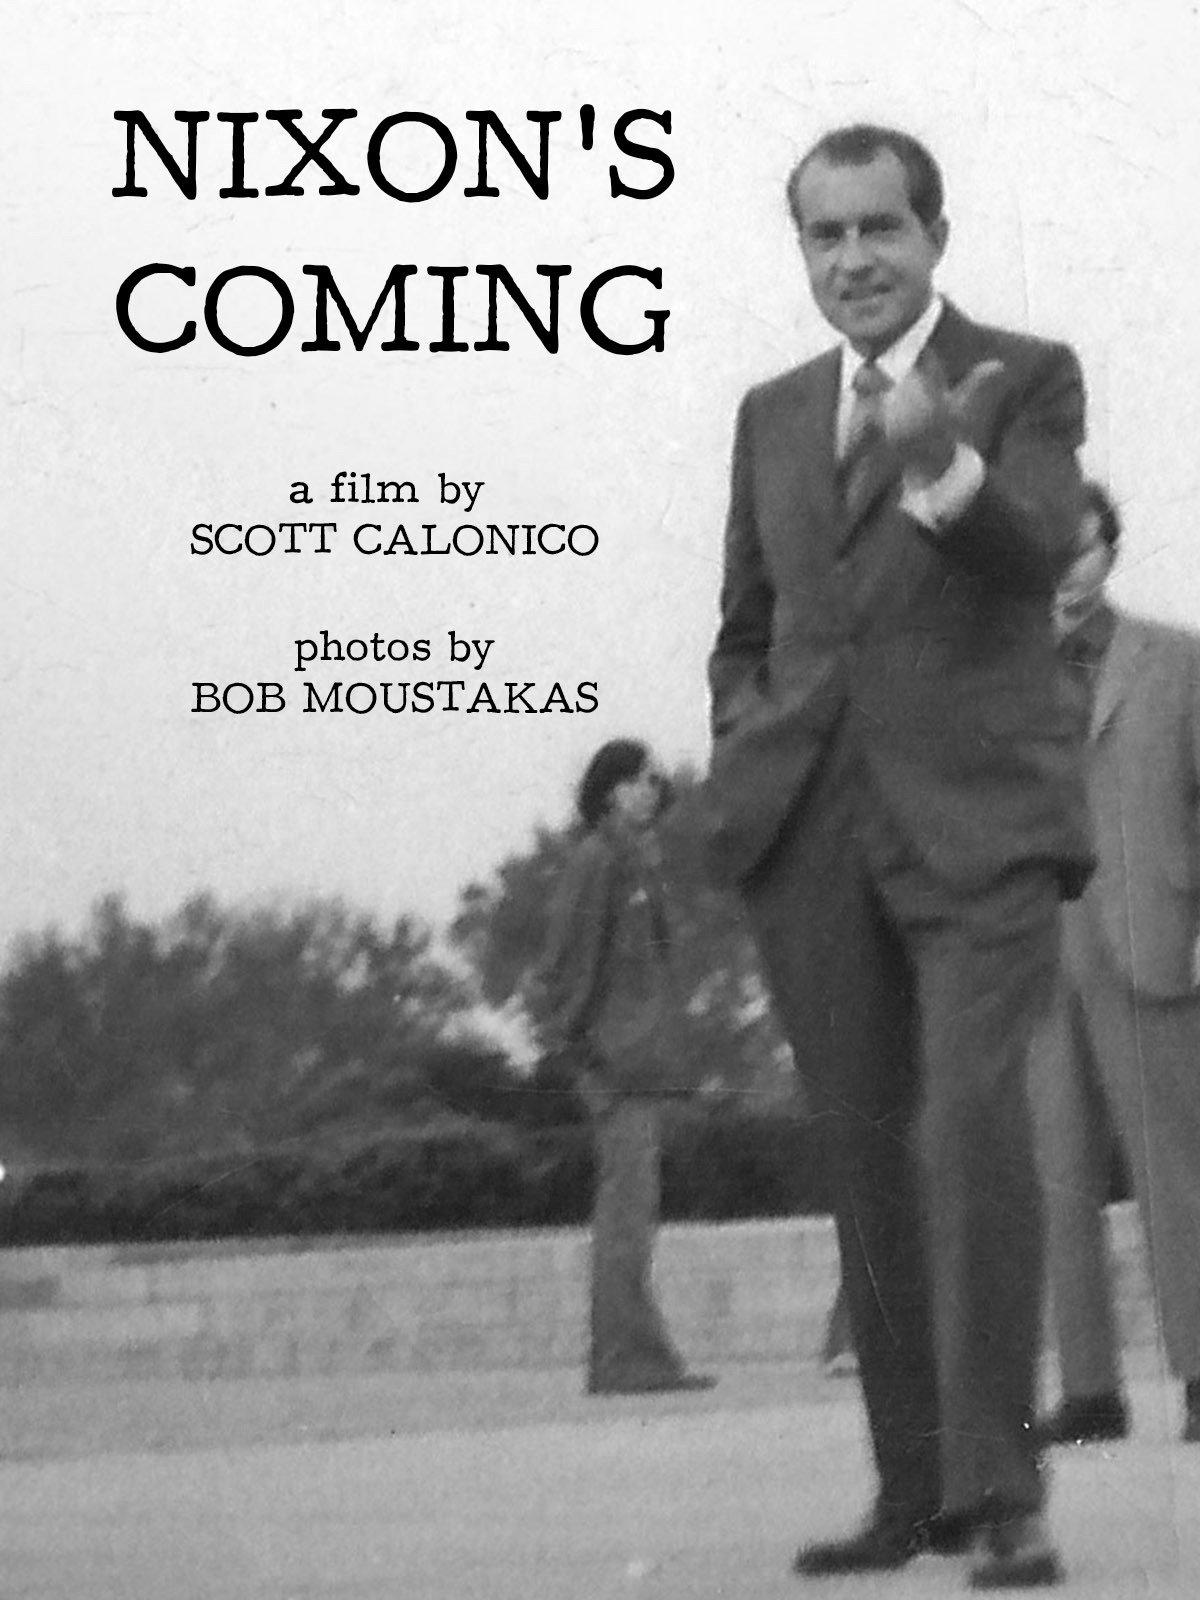 Nixon's Coming